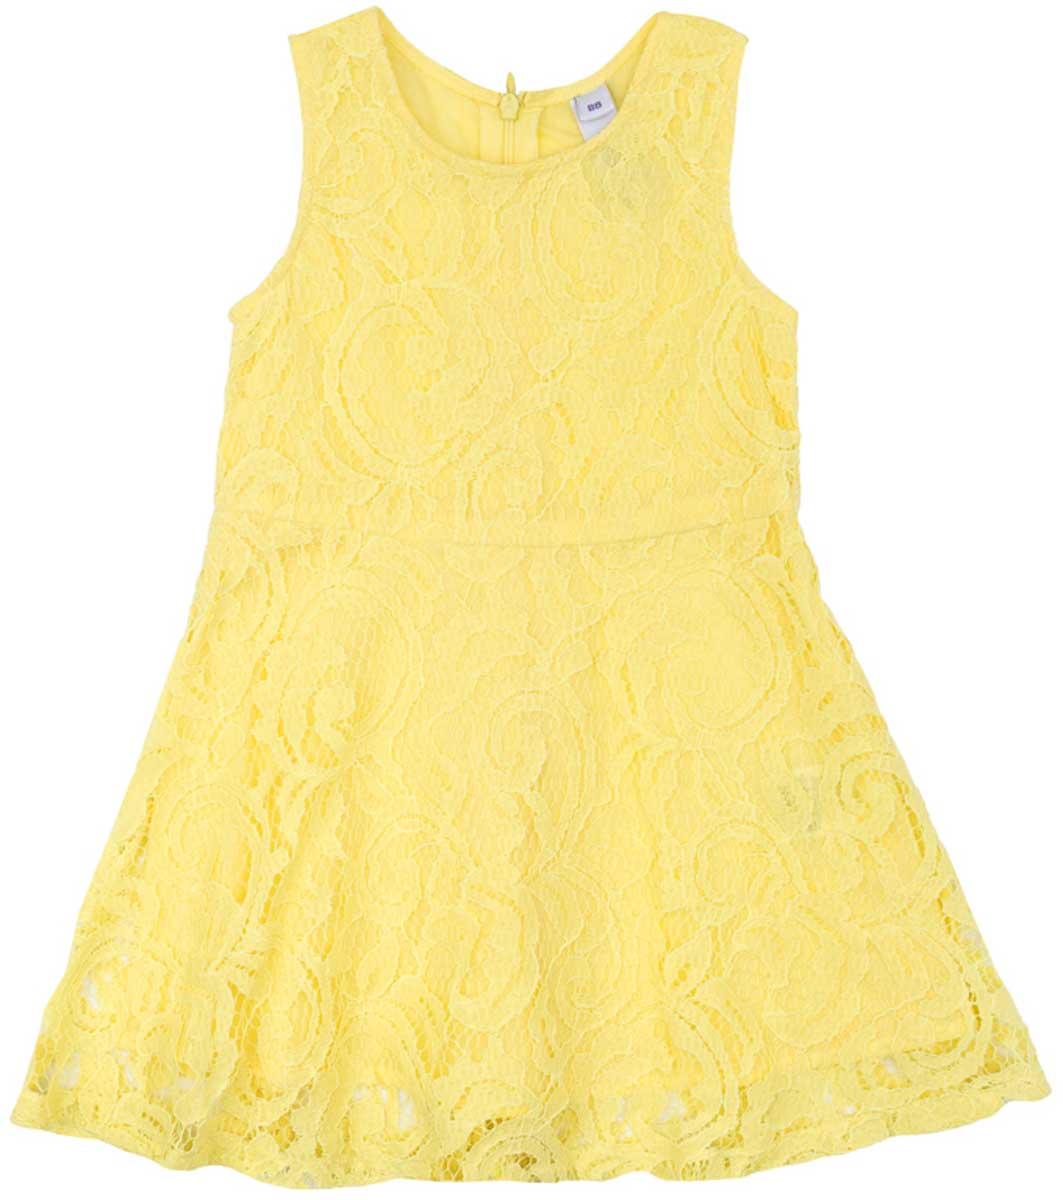 Платье172112Ажурное платье PlayToday, отрезное по талии, с округлым вырезом у горловины, понравится вашей моднице. Свободный крой не сковывает движений. Приятная на ощупь ткань не раздражает нежную кожу ребенка. Модель на подкладке из натурального хлопка. Платье будет прекрасным дополнением к детскому летнему гардеробу.